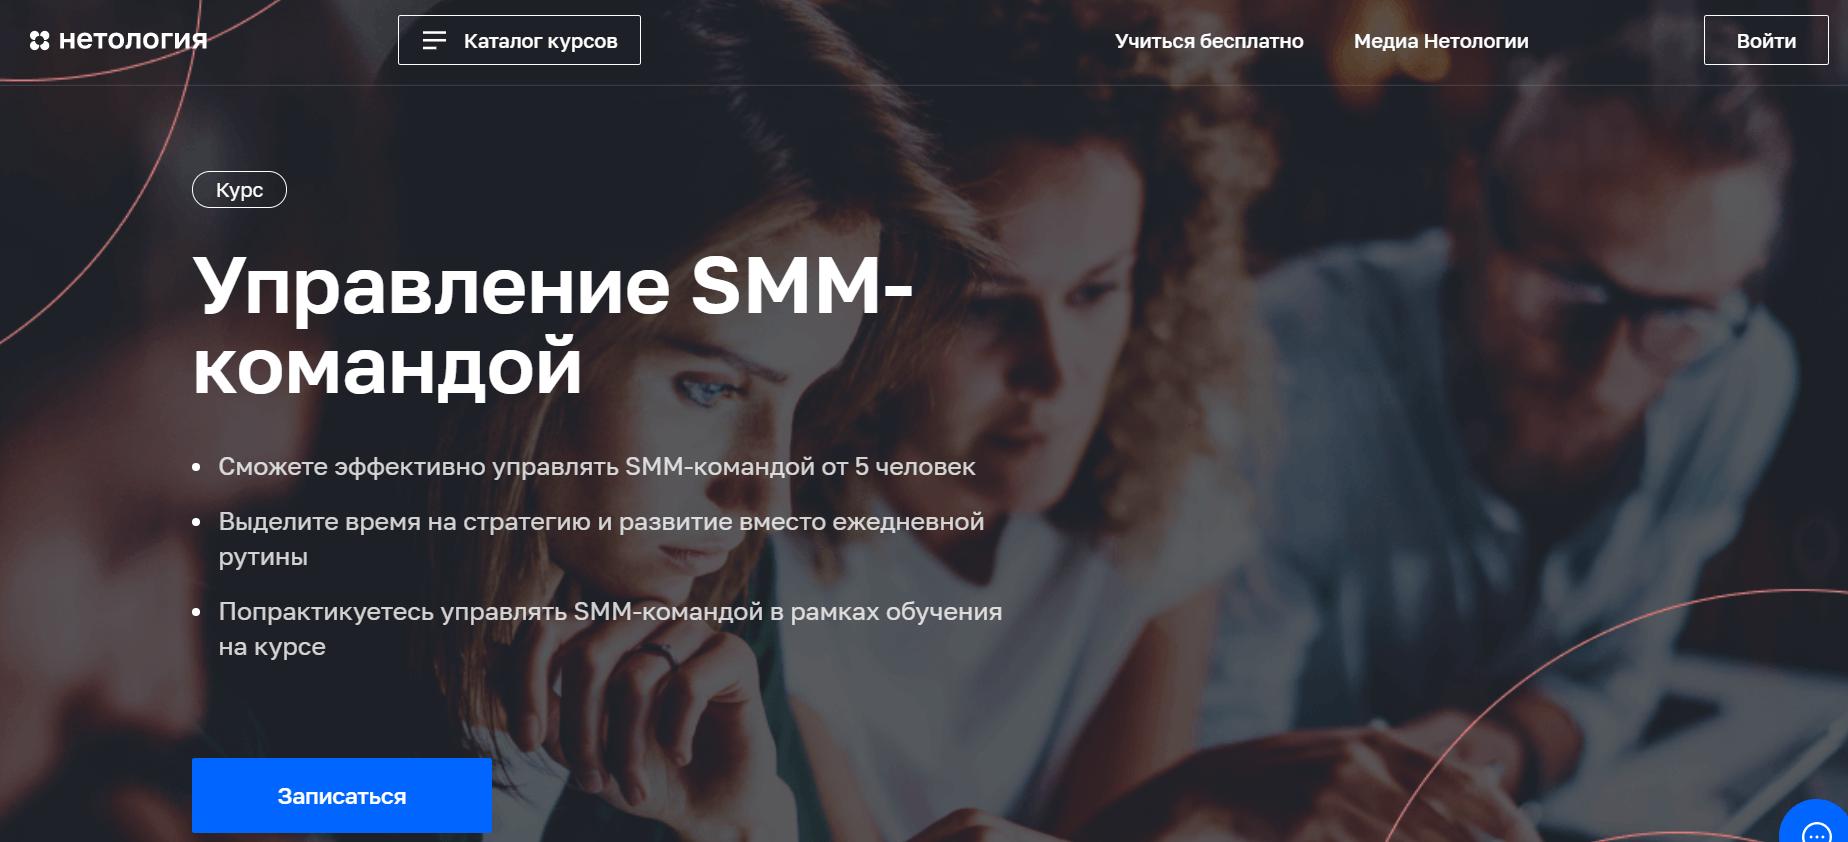 Управление SMM-командой